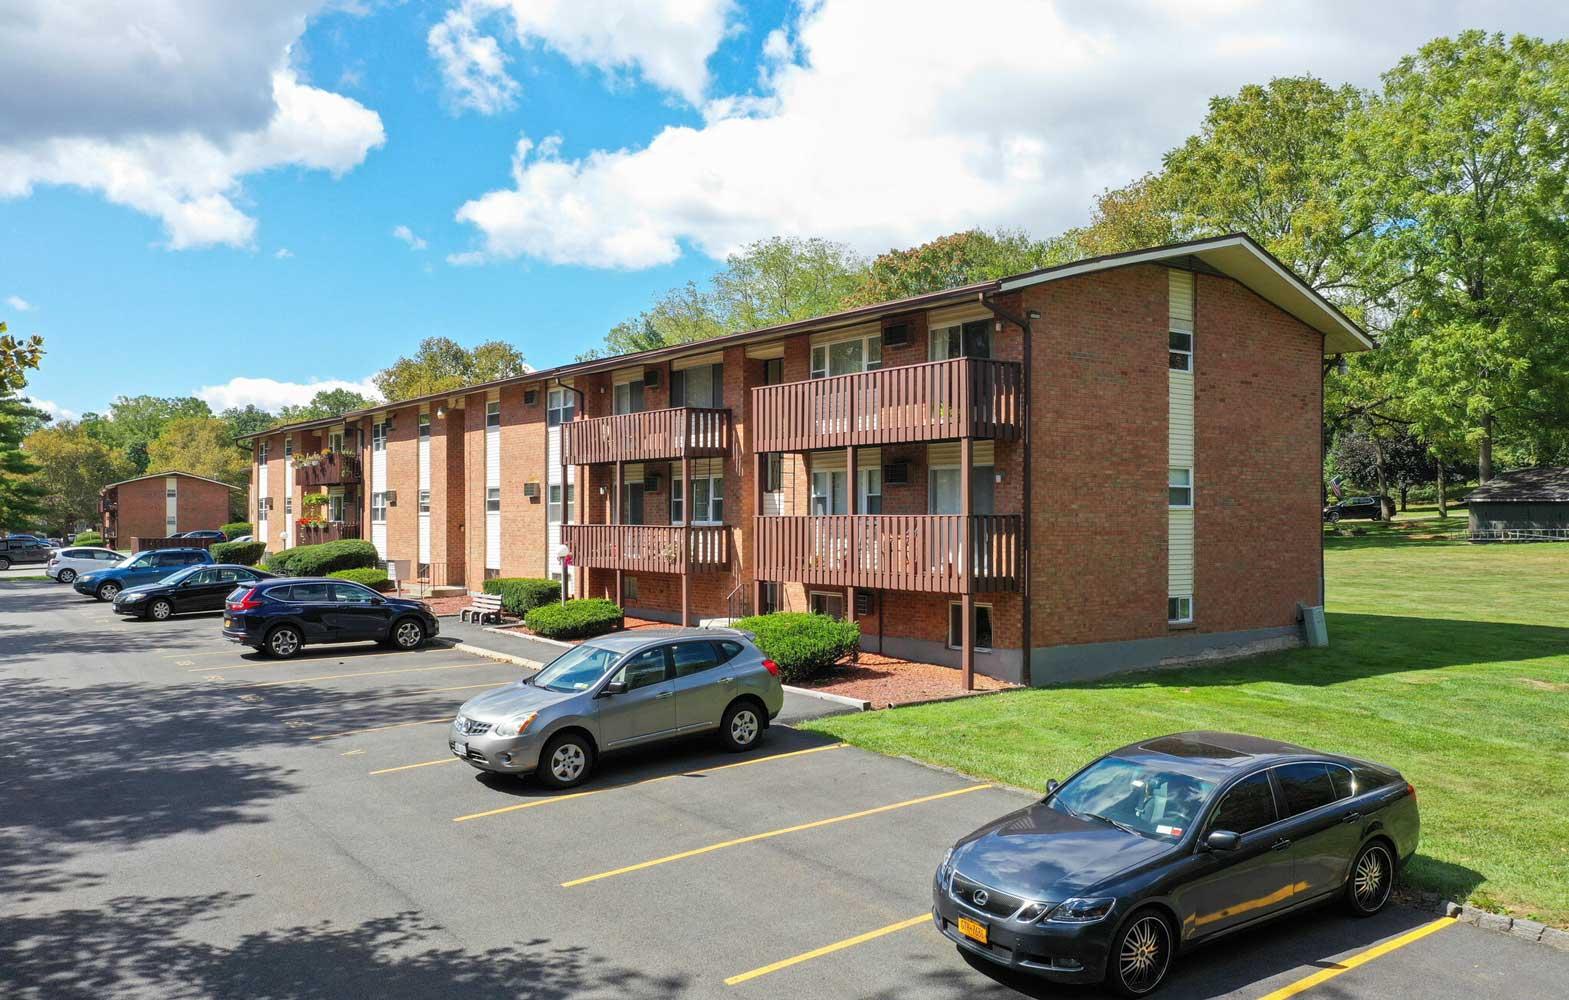 Laundry Facilities at Mountainview Gardens Apartments in Fishkill, NY